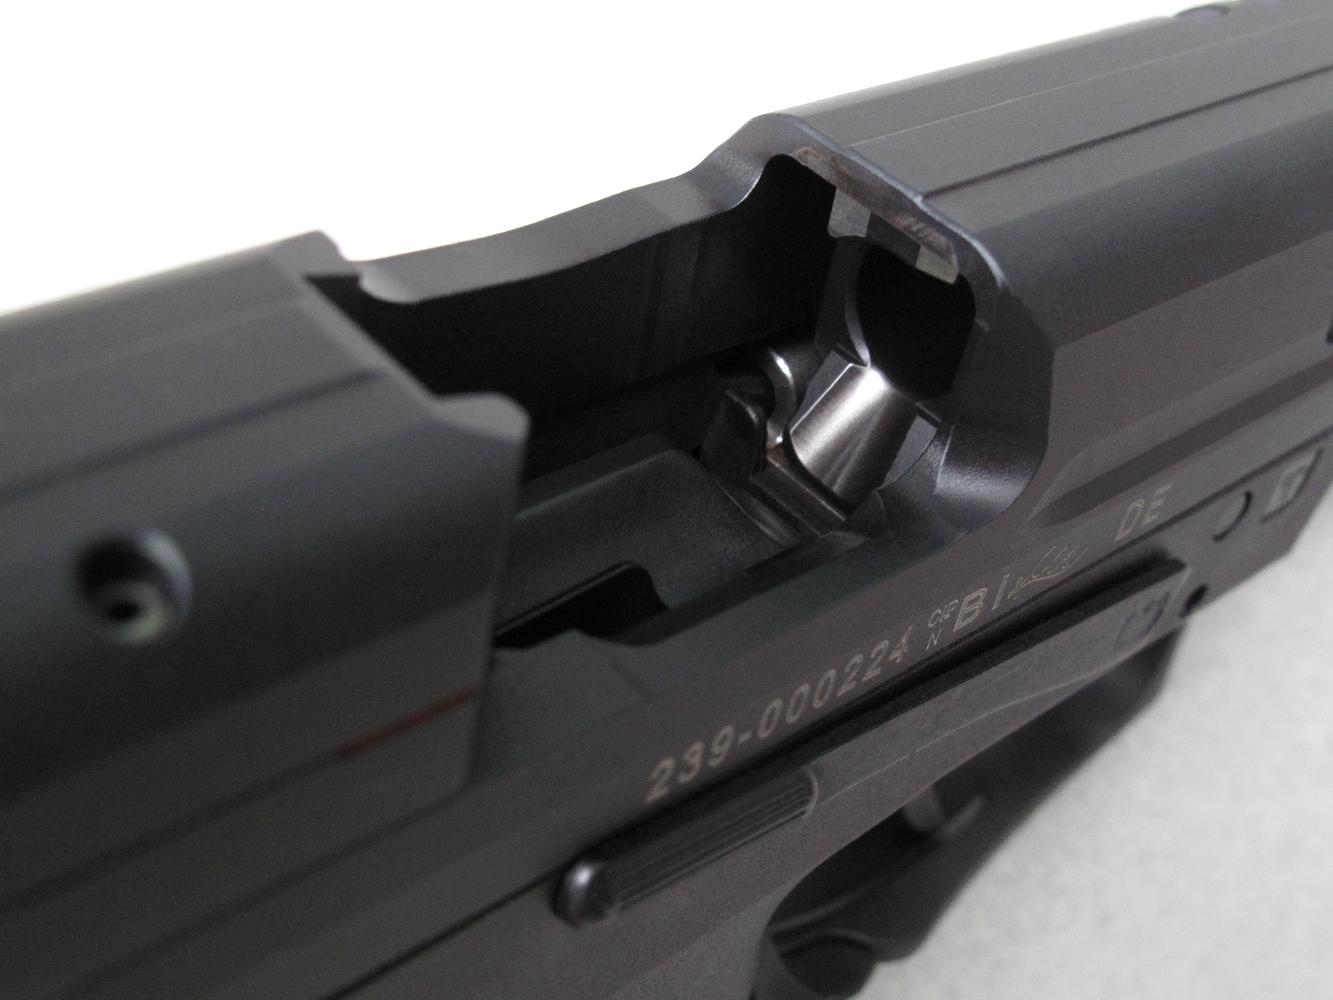 Cette vue permet d'observer, au travers de la fenêtre d'éjection, la rampe d'alimentation inclinée usinée à la base du canon pour guider la cartouche vers la chambre.